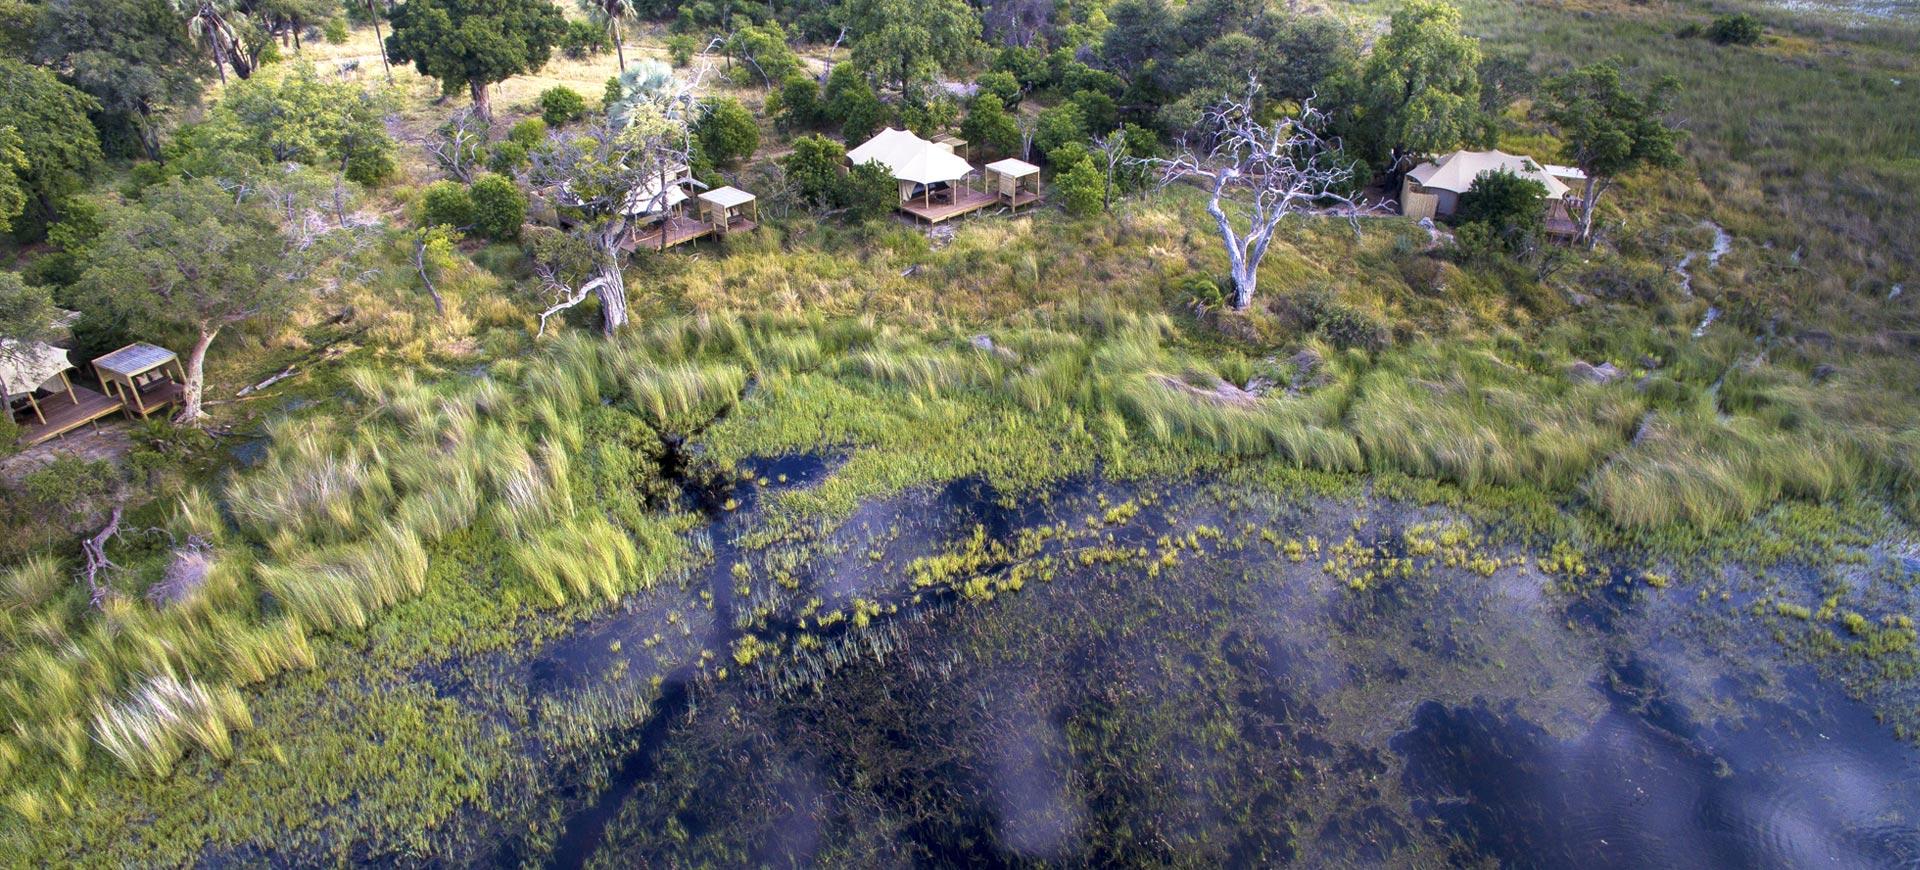 Nxabega Okavango